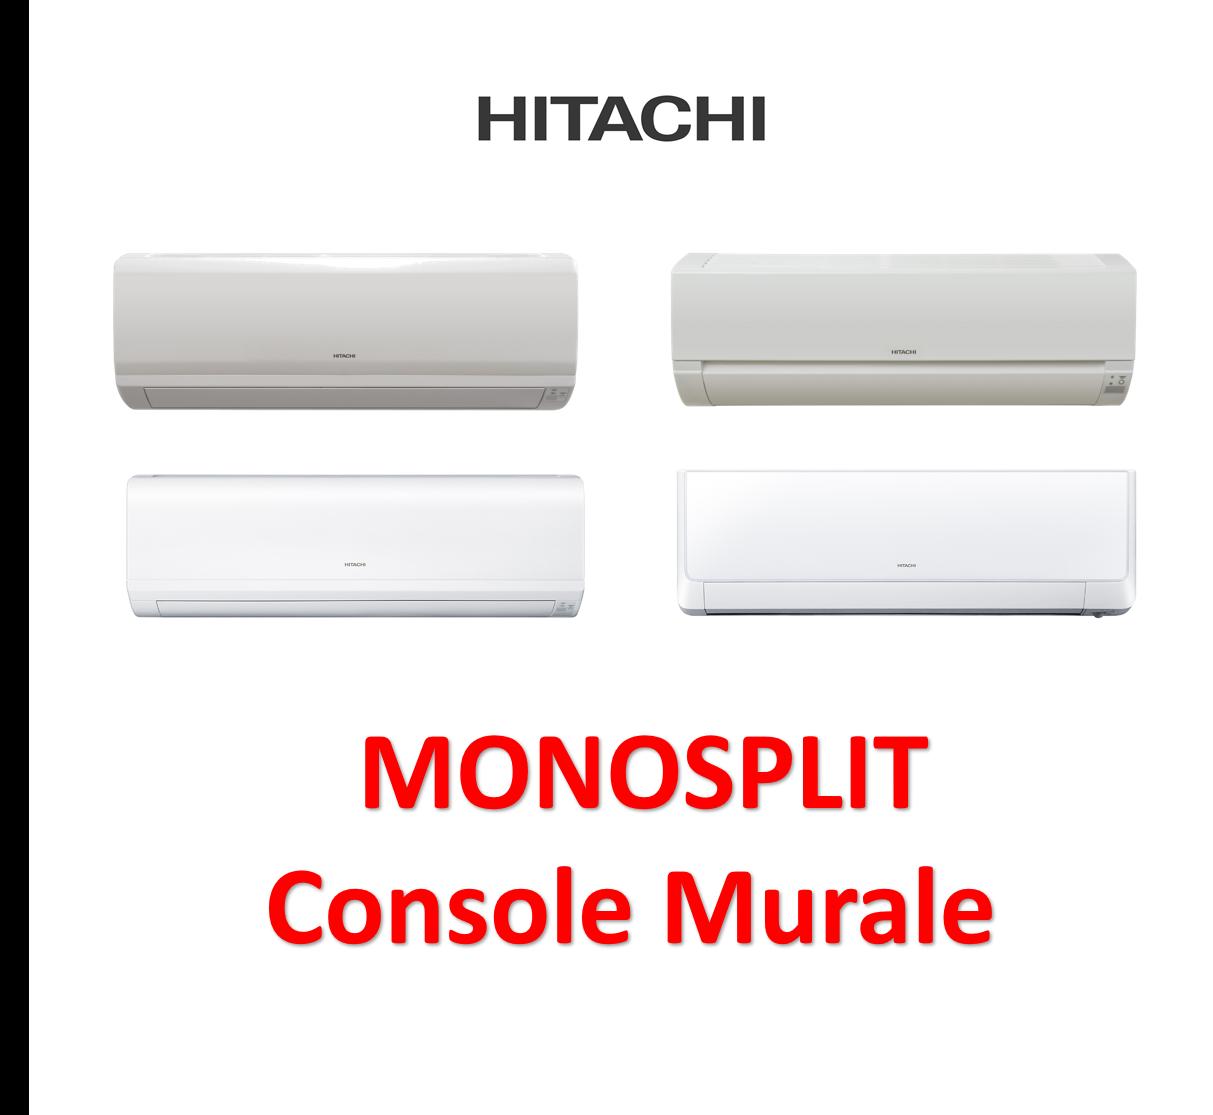 Monosplit mural